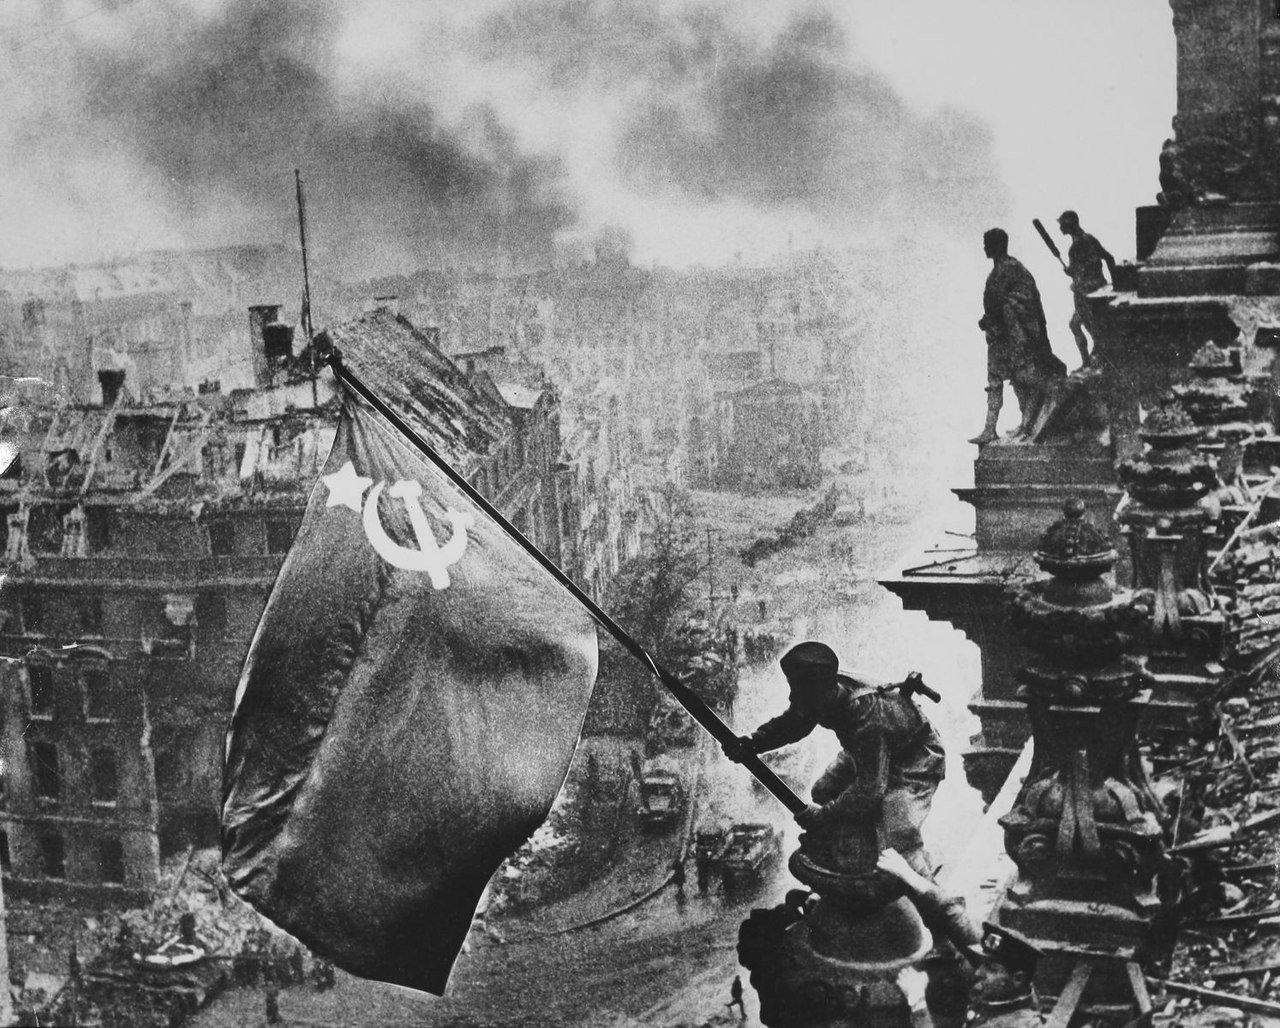 Днем, картинки великая отечественная война 1941-1945 победа